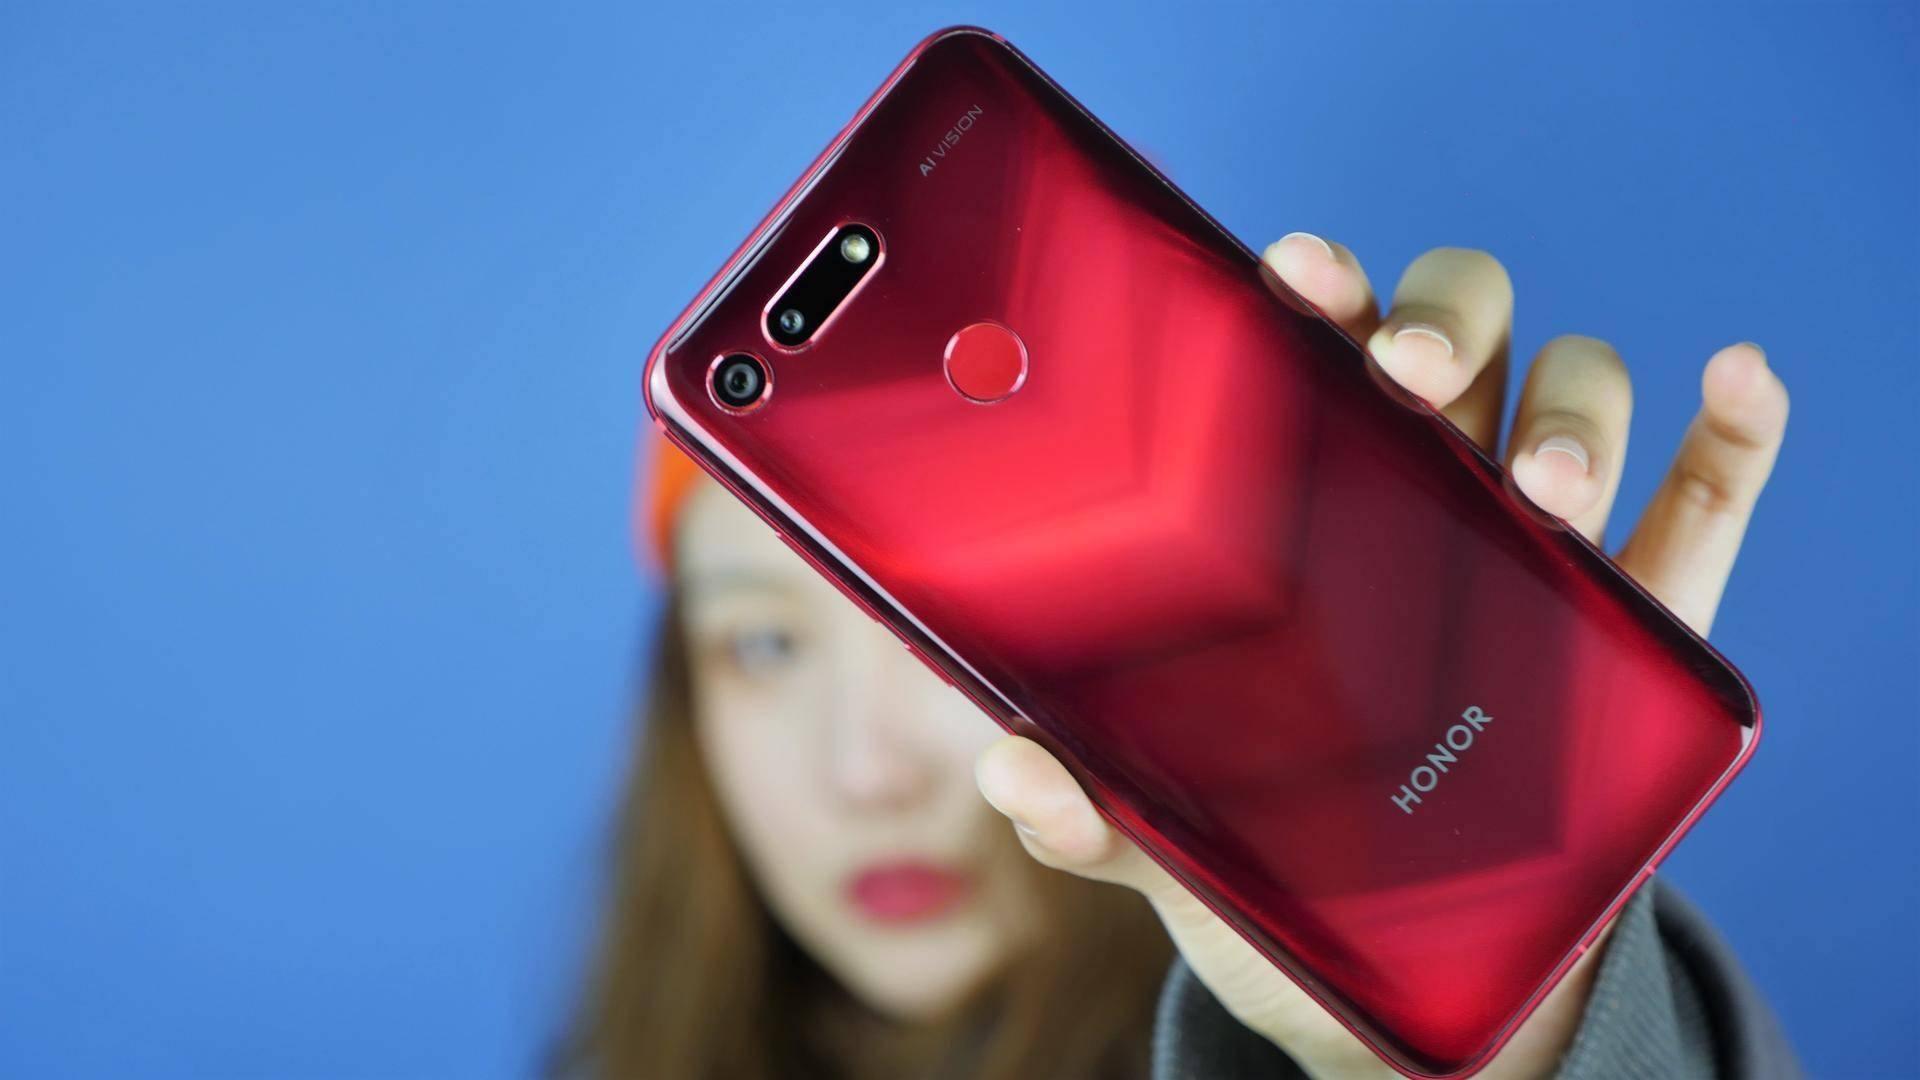 同样是华为手机,这四个系列更值得买,买错可能要吃亏!